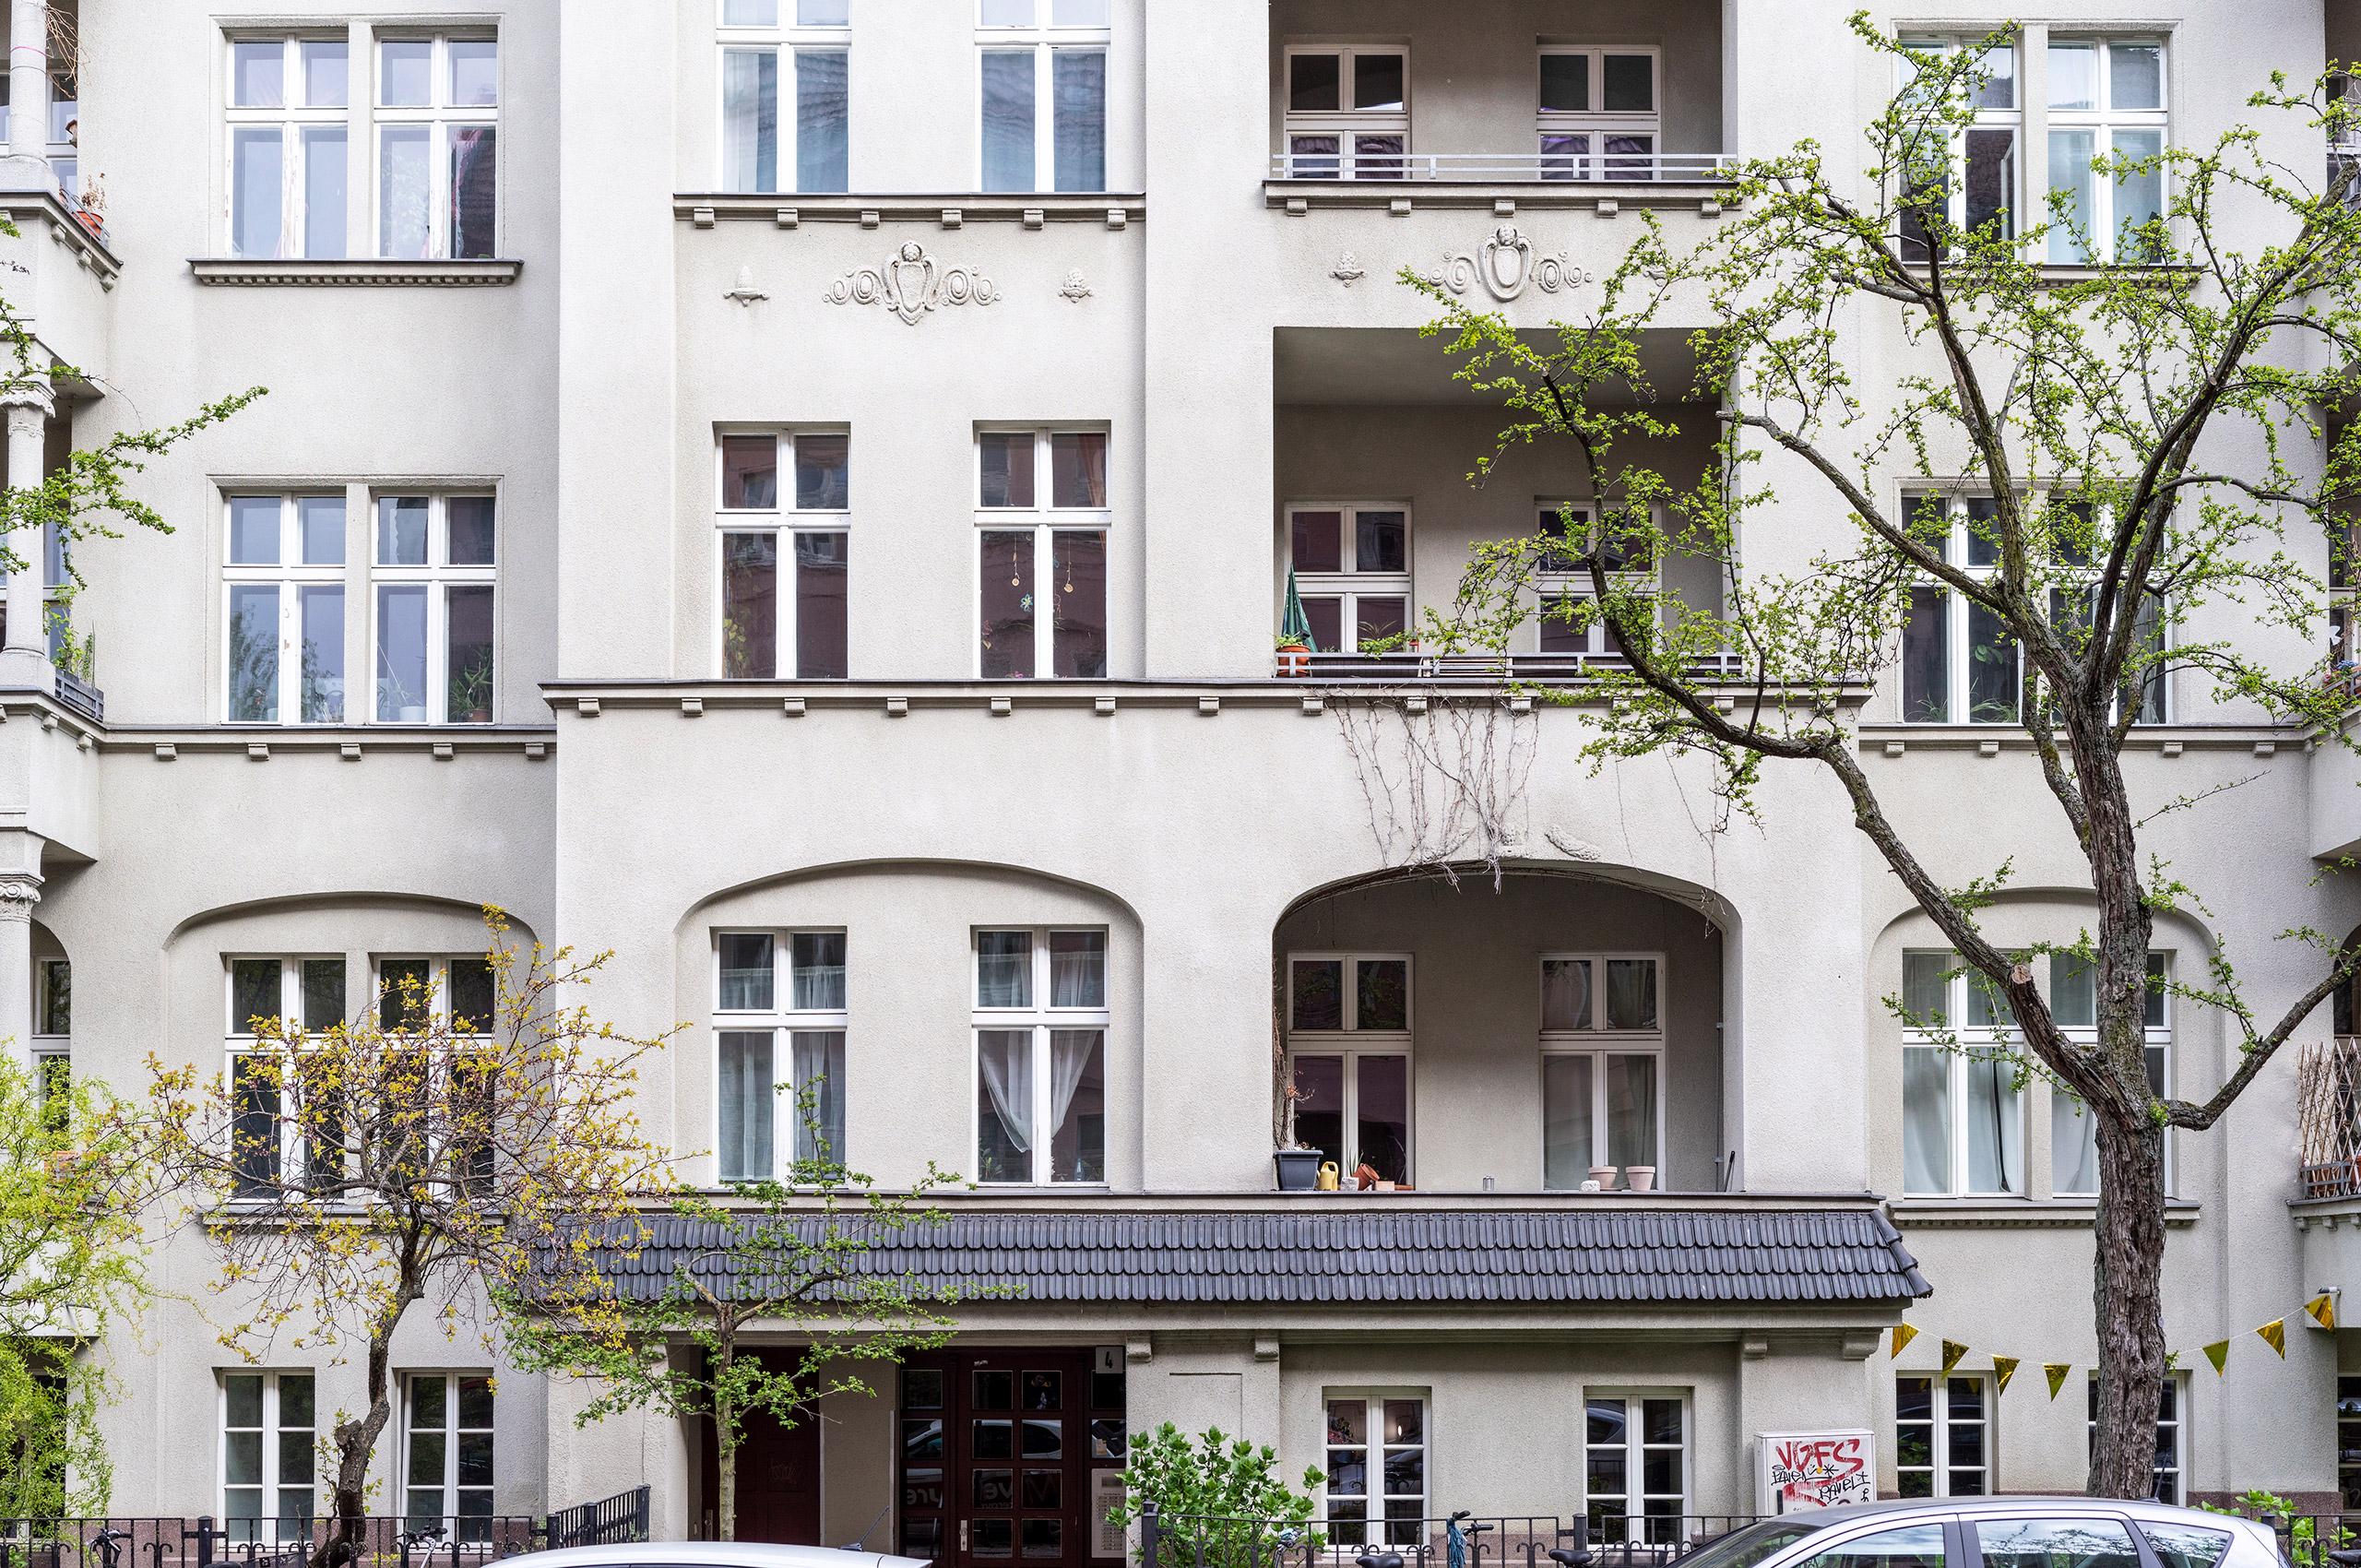 Vicent Architekten Knorrpromenade Ansicht